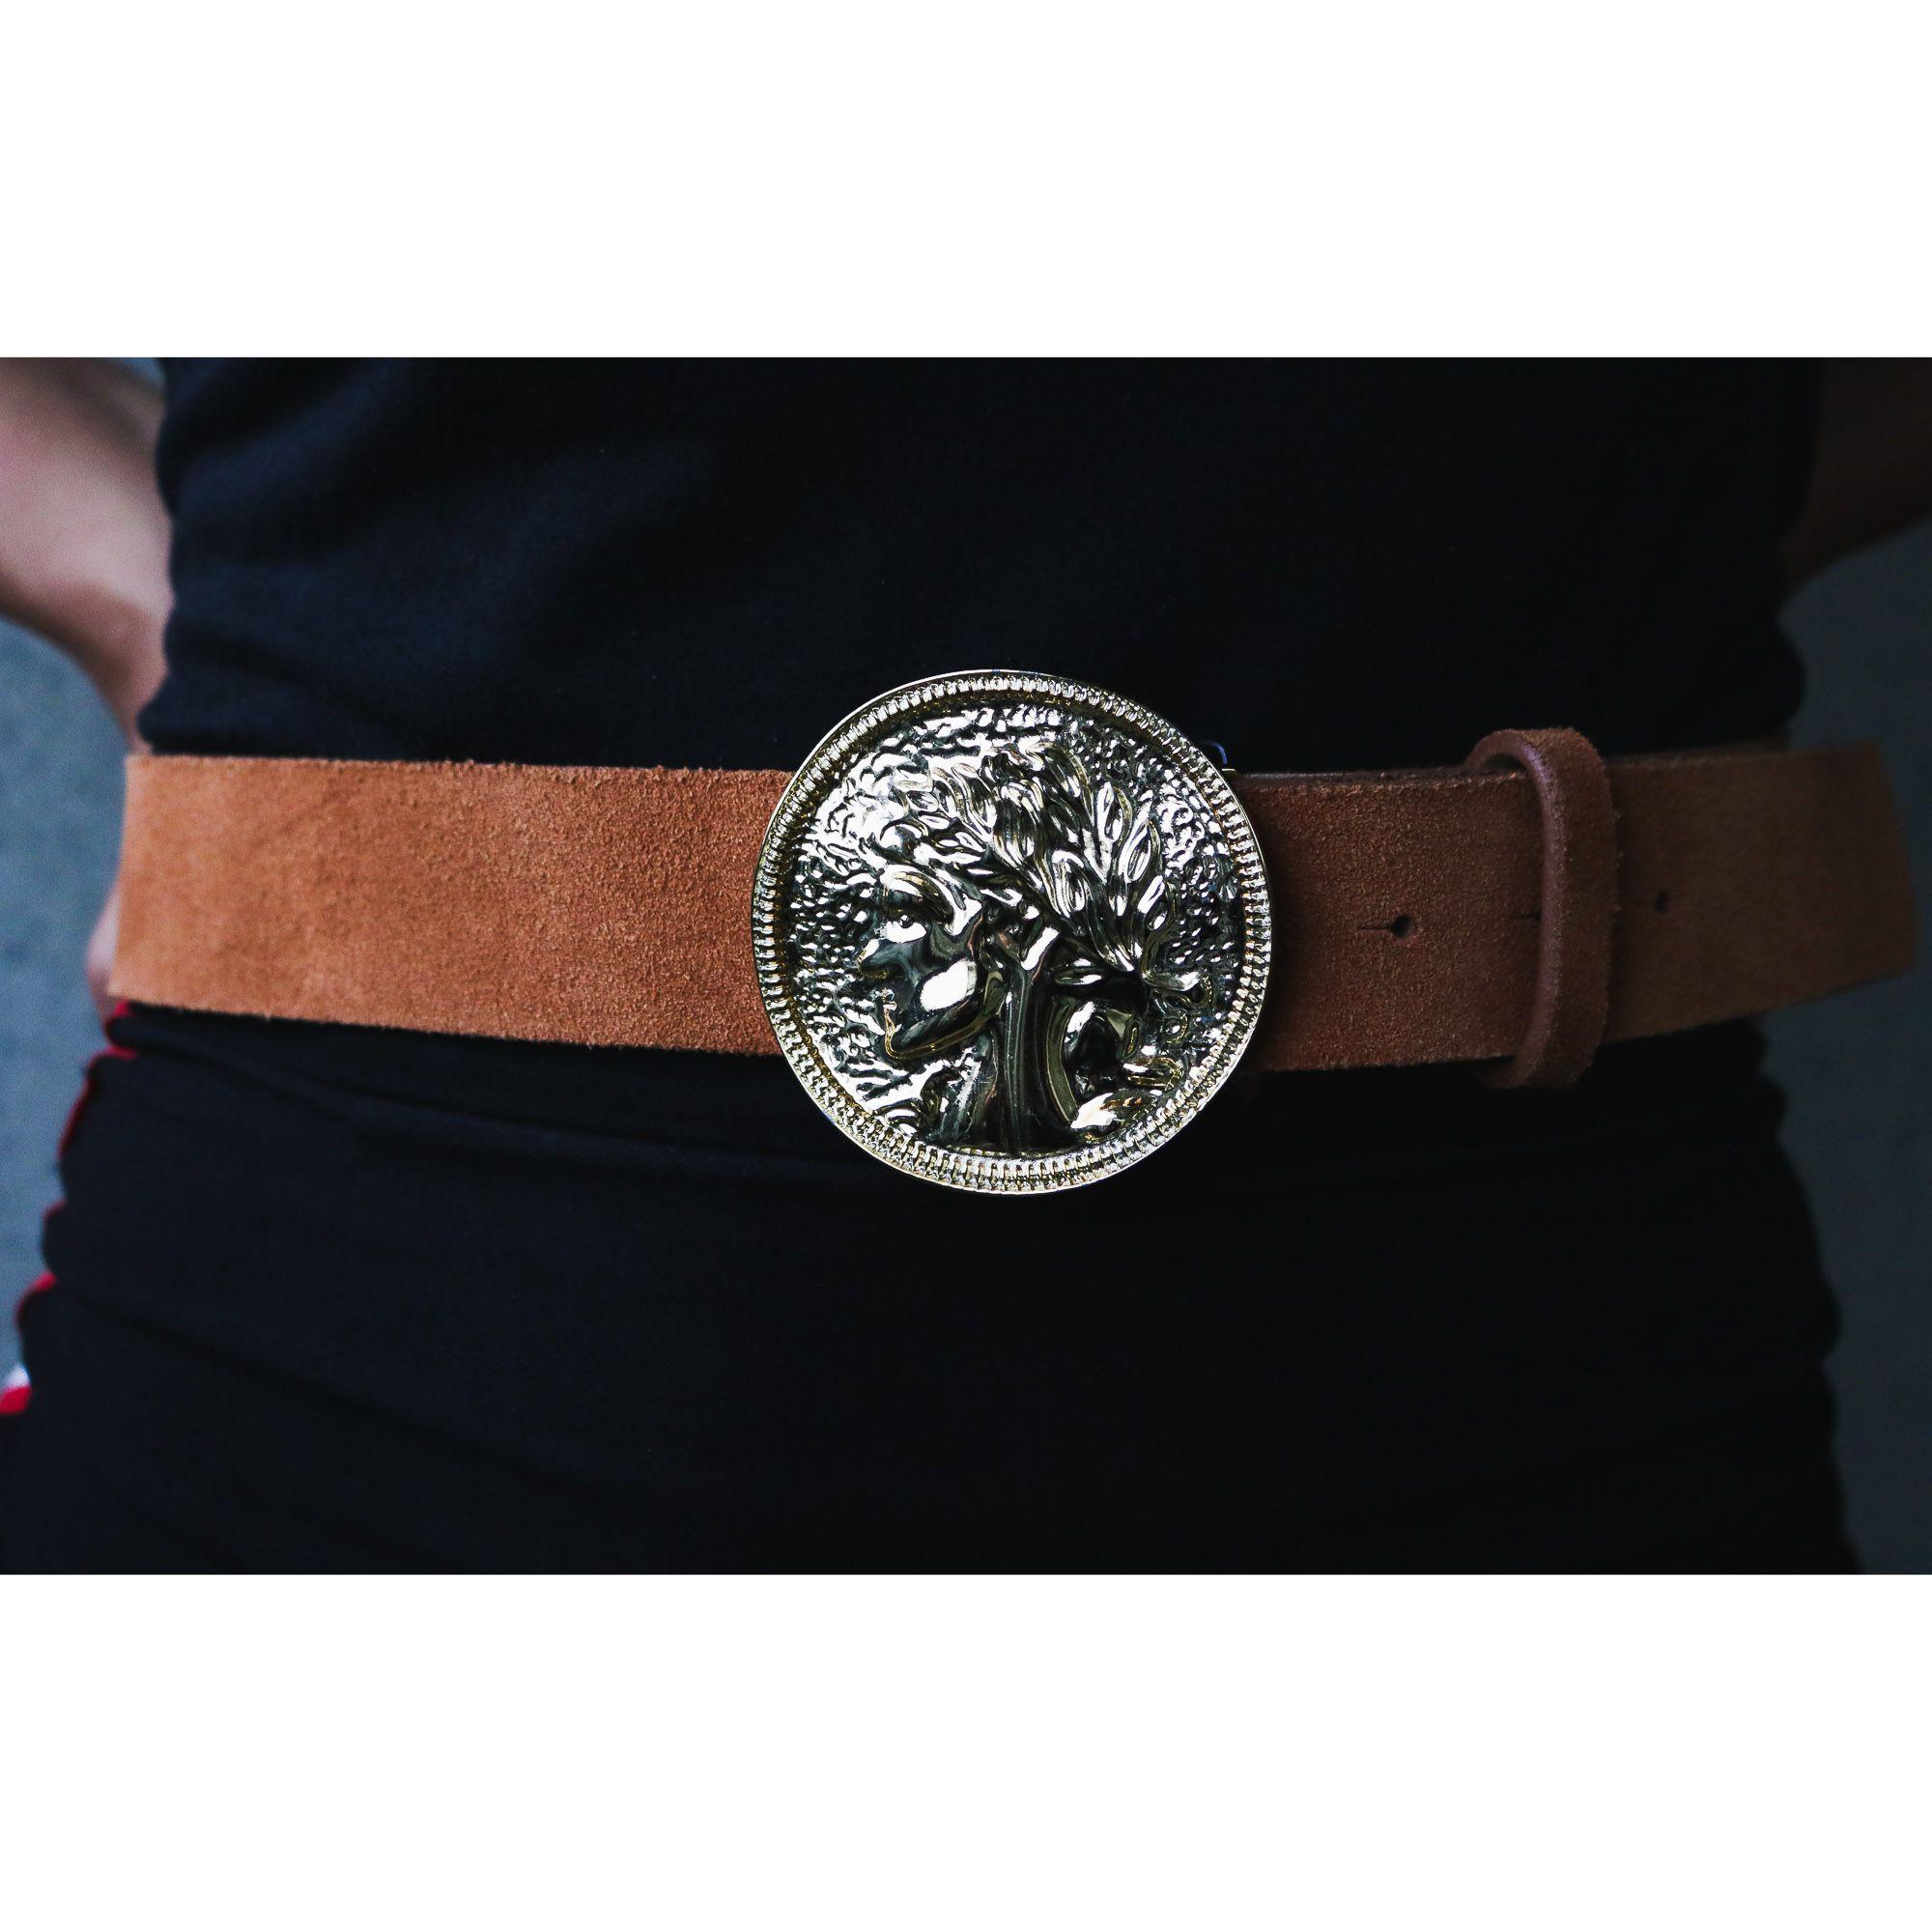 Fivela para cinto troca fivela de moeda da Grécia antiga